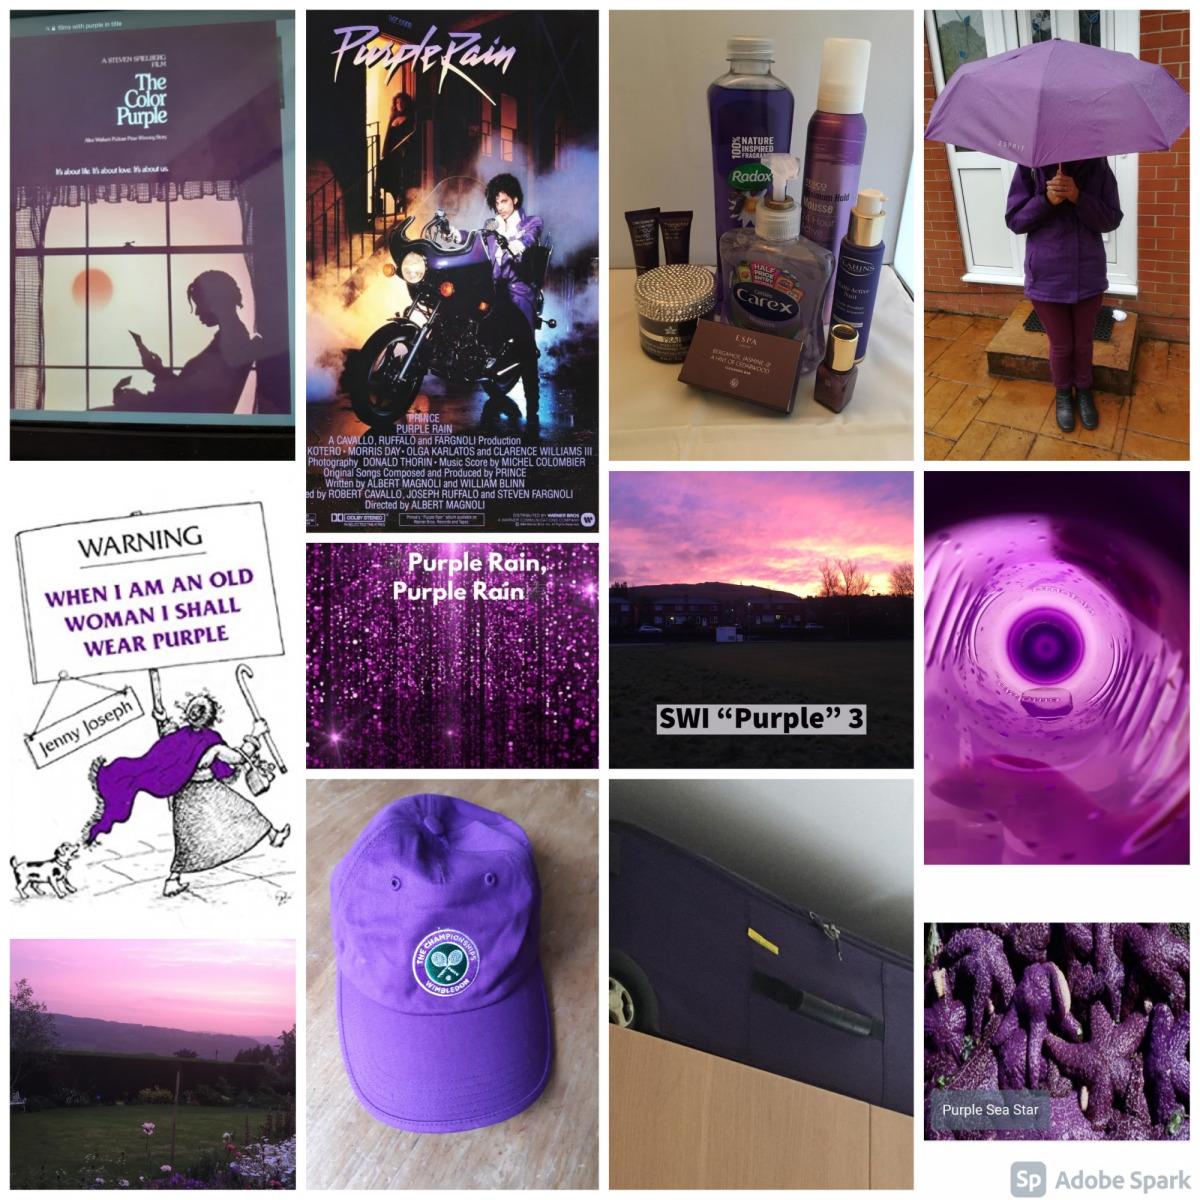 SWI-Purple-3